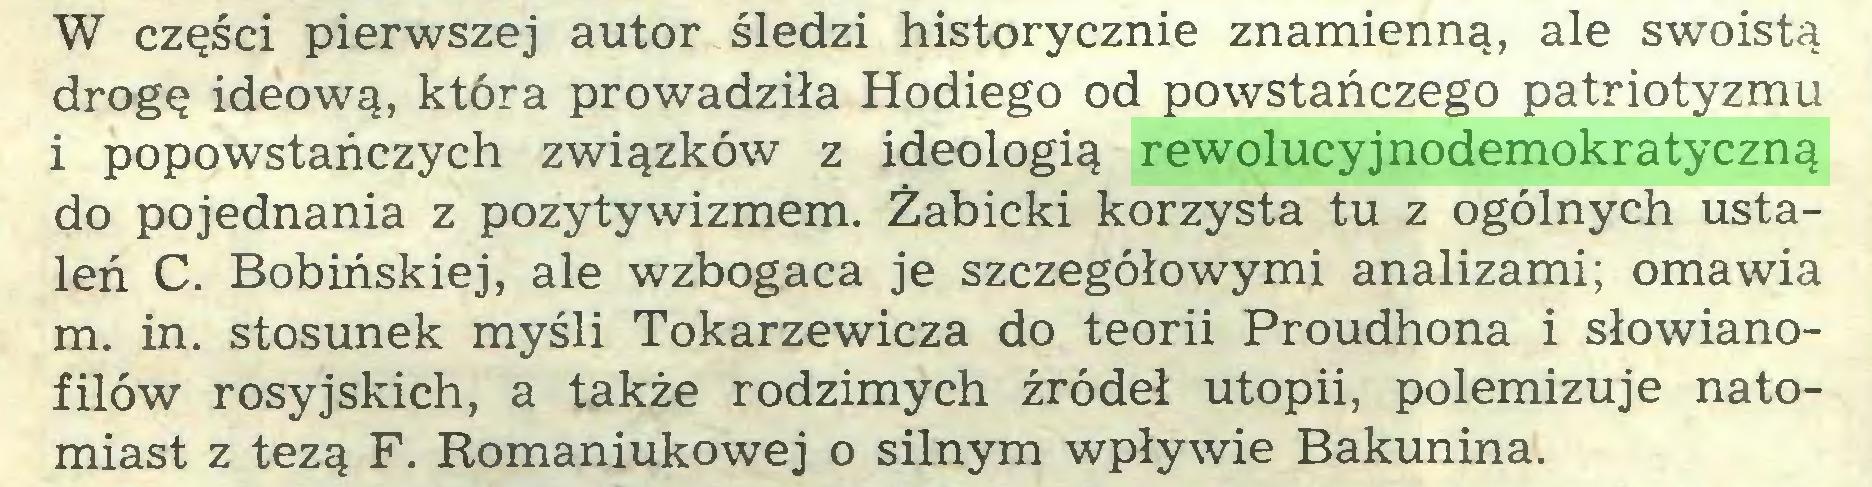 (...) W części pierwszej autor śledzi historycznie znamienną, ale swoistą drogę ideową, która prowadziła Hodiego od powstańczego patriotyzmu i popowstańczych związków z ideologią rewolucyjnodemokratyczną do pojednania z pozytywizmem. Żabicki korzysta tu z ogólnych ustaleń C. Bobińskiej, ale wzbogaca je szczegółowymi analizami; omawia m. in. stosunek myśli Tokarzewicza do teorii Proudhona i słowianofilów rosyjskich, a także rodzimych źródeł utopii, polemizuje natomiast z tezą F. Romaniukowej o silnym wpływie Bakunina...